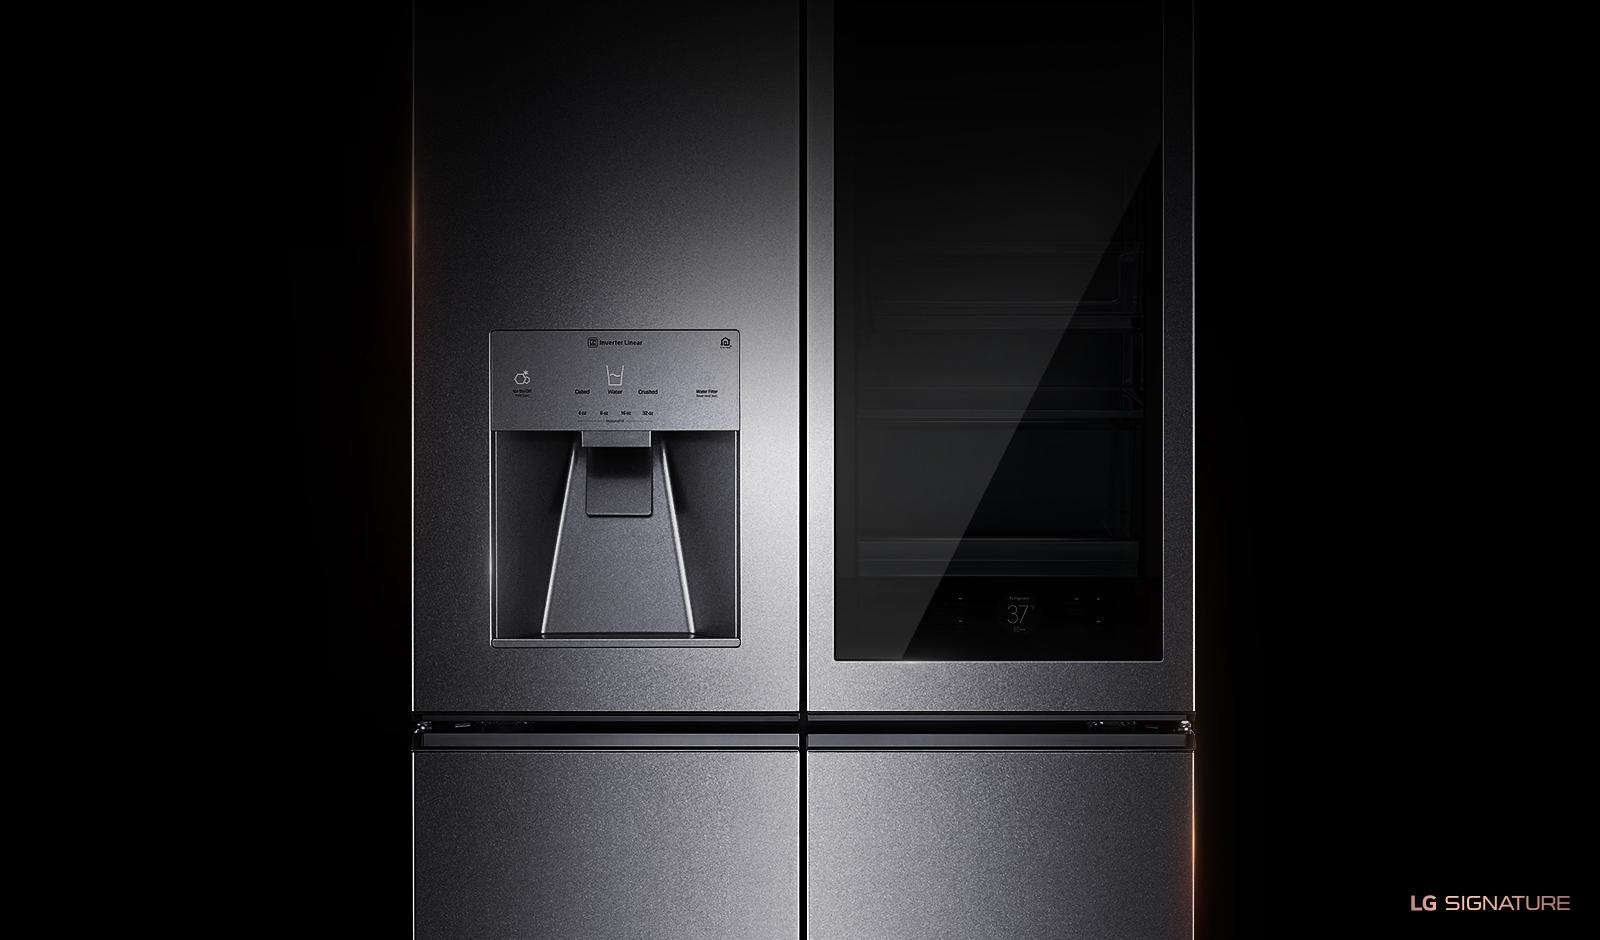 LG SIGNATURE 23 cu. ft. InstaView™ Door-in-Door® Counter-Depth Refrigerator